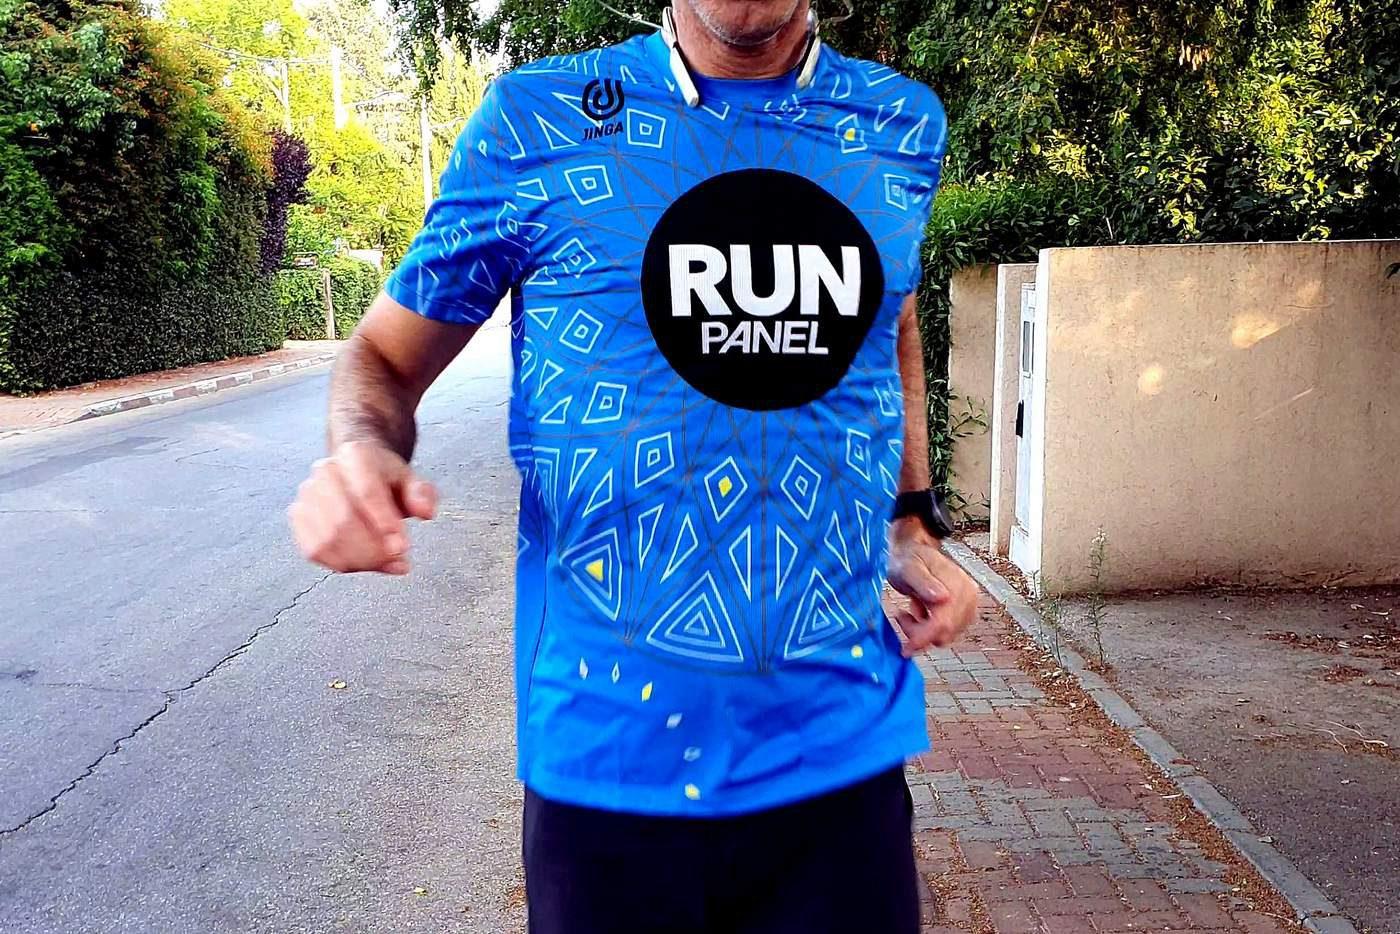 runpanel running